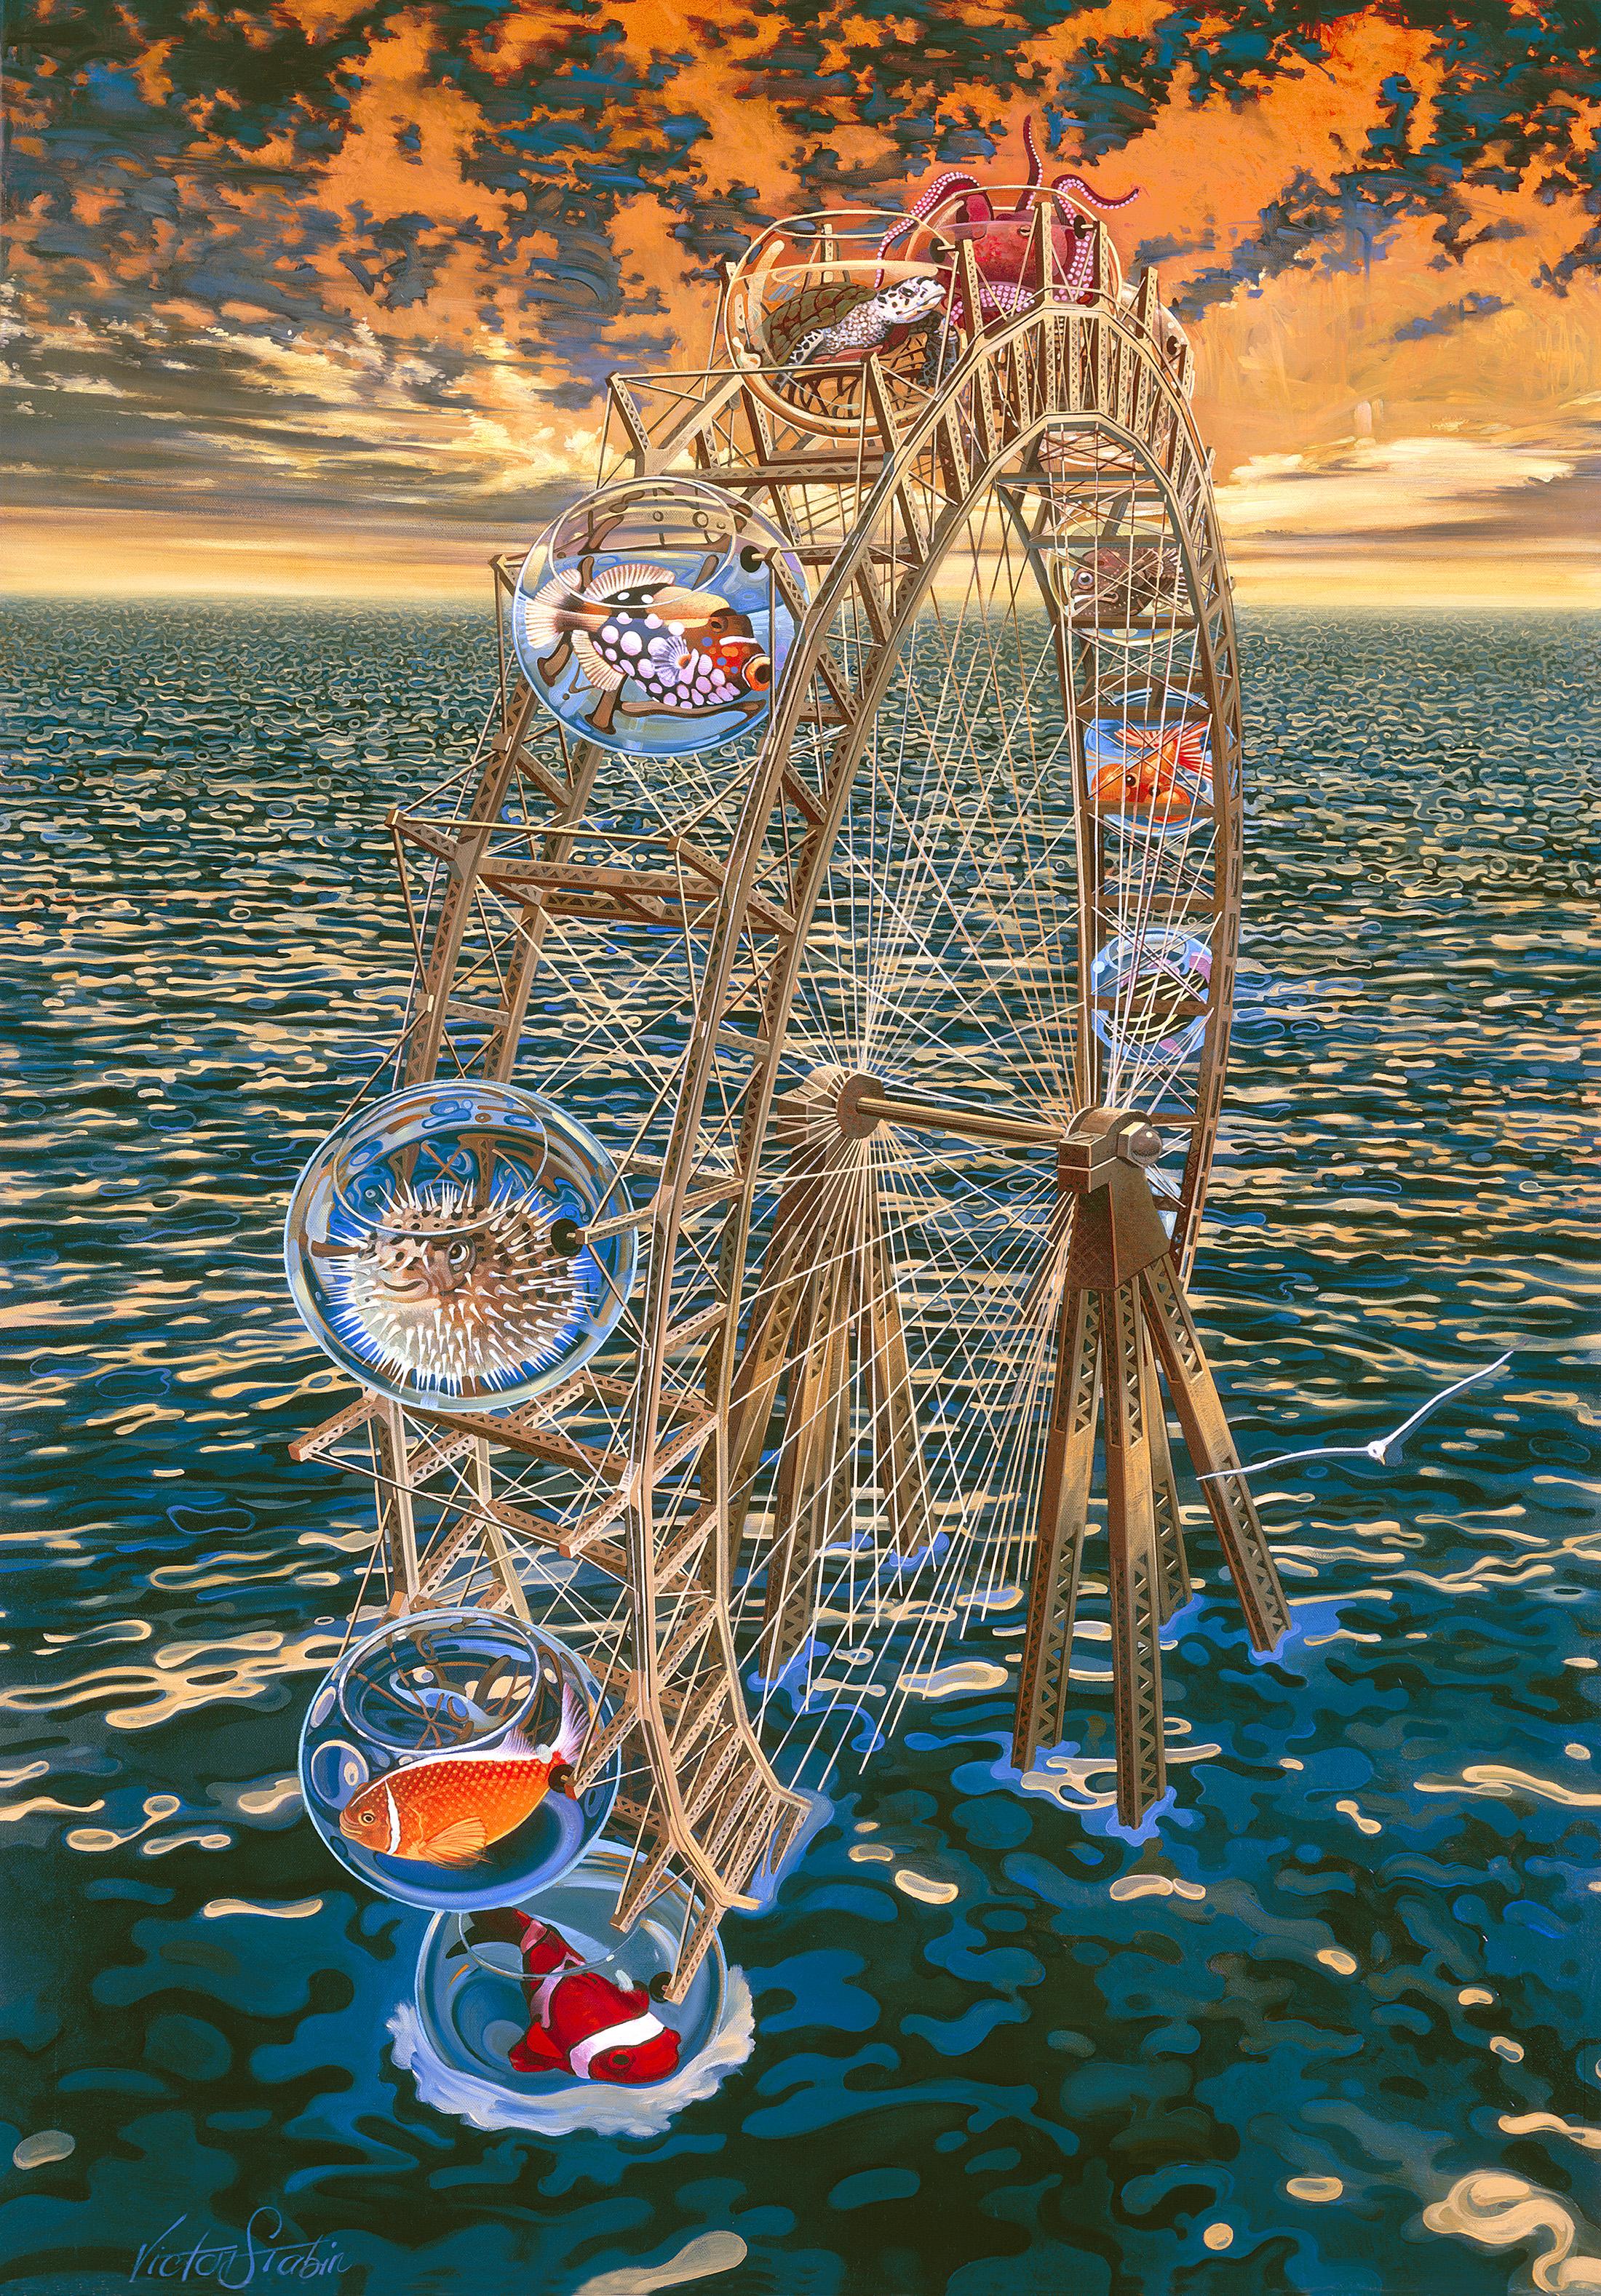 Fish Ferris Wheel - Oil Painting - Victor Stabin